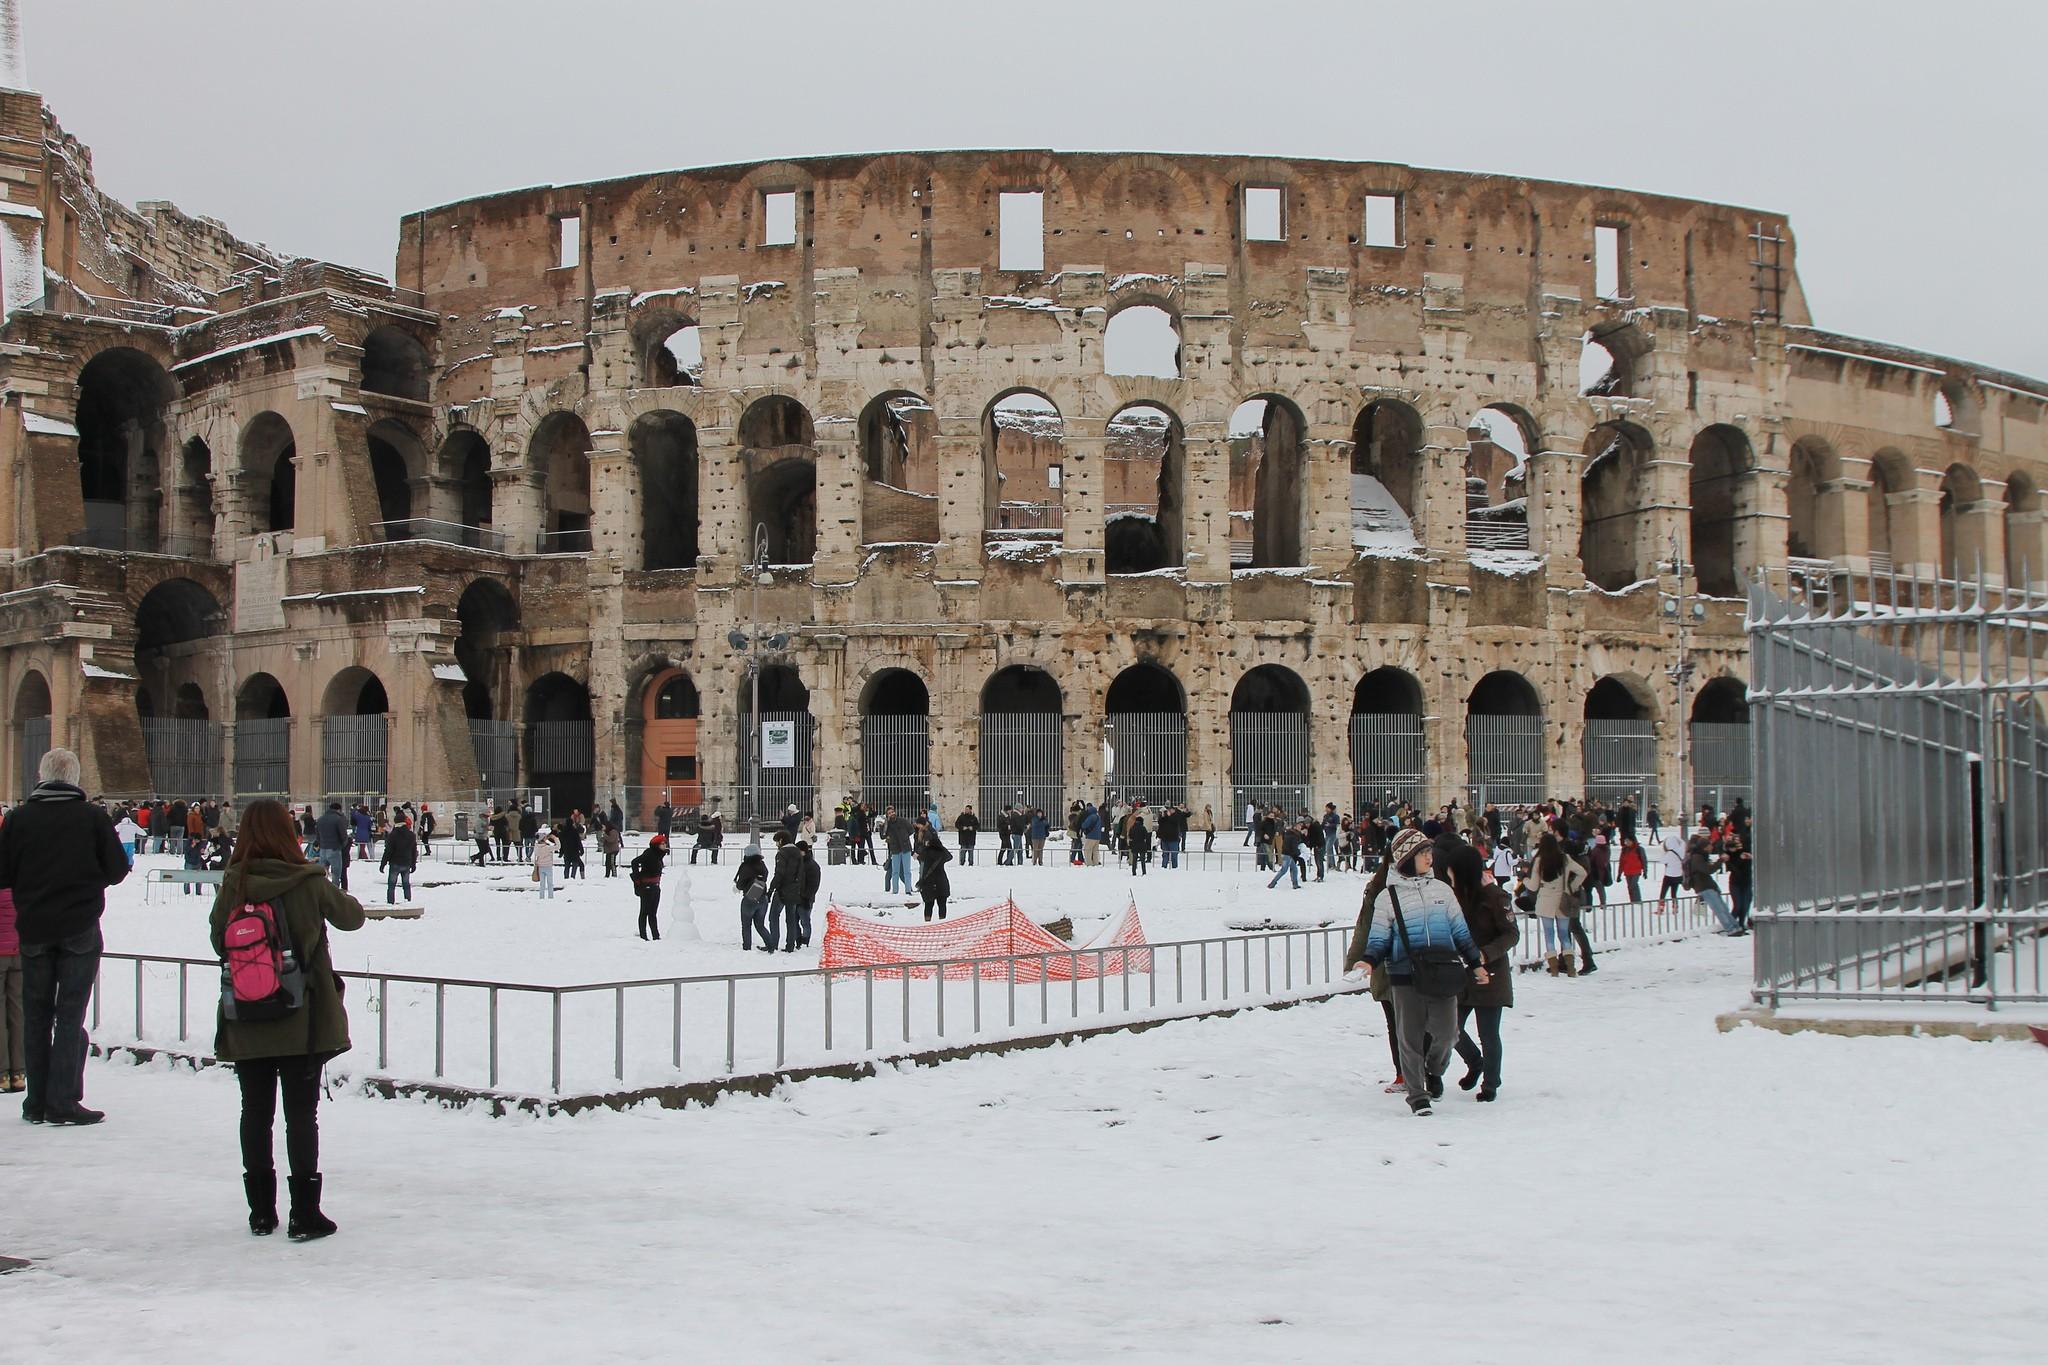 Onda de frio fez nevar em Roma depois de seis anos. (Foto: Creative Commons / roberto volterra)